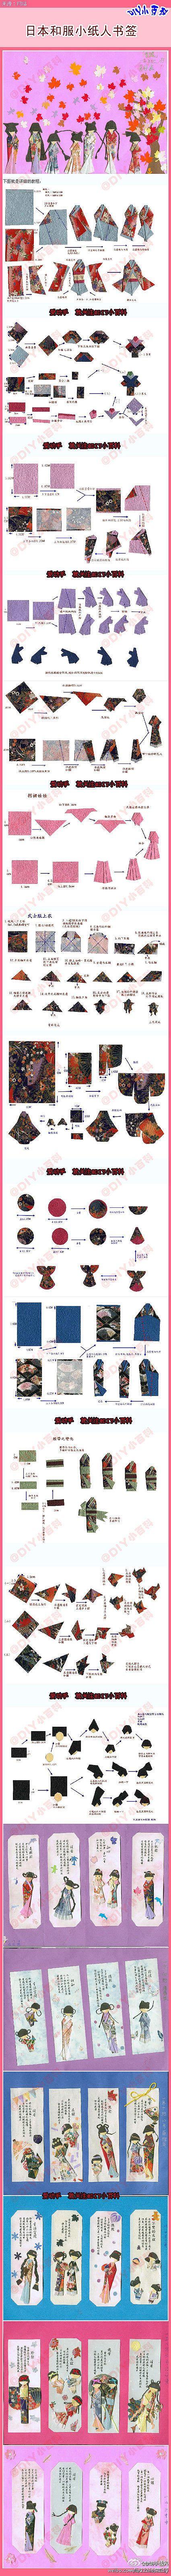 手工DIY 配饰 酷玩潮物  【日本和服小纸人书签】超可爱的和服小纸…  I think this picture tutorial is paper cutting, more than origami--or maybe a combo of both?  The finished geishas are so adorable